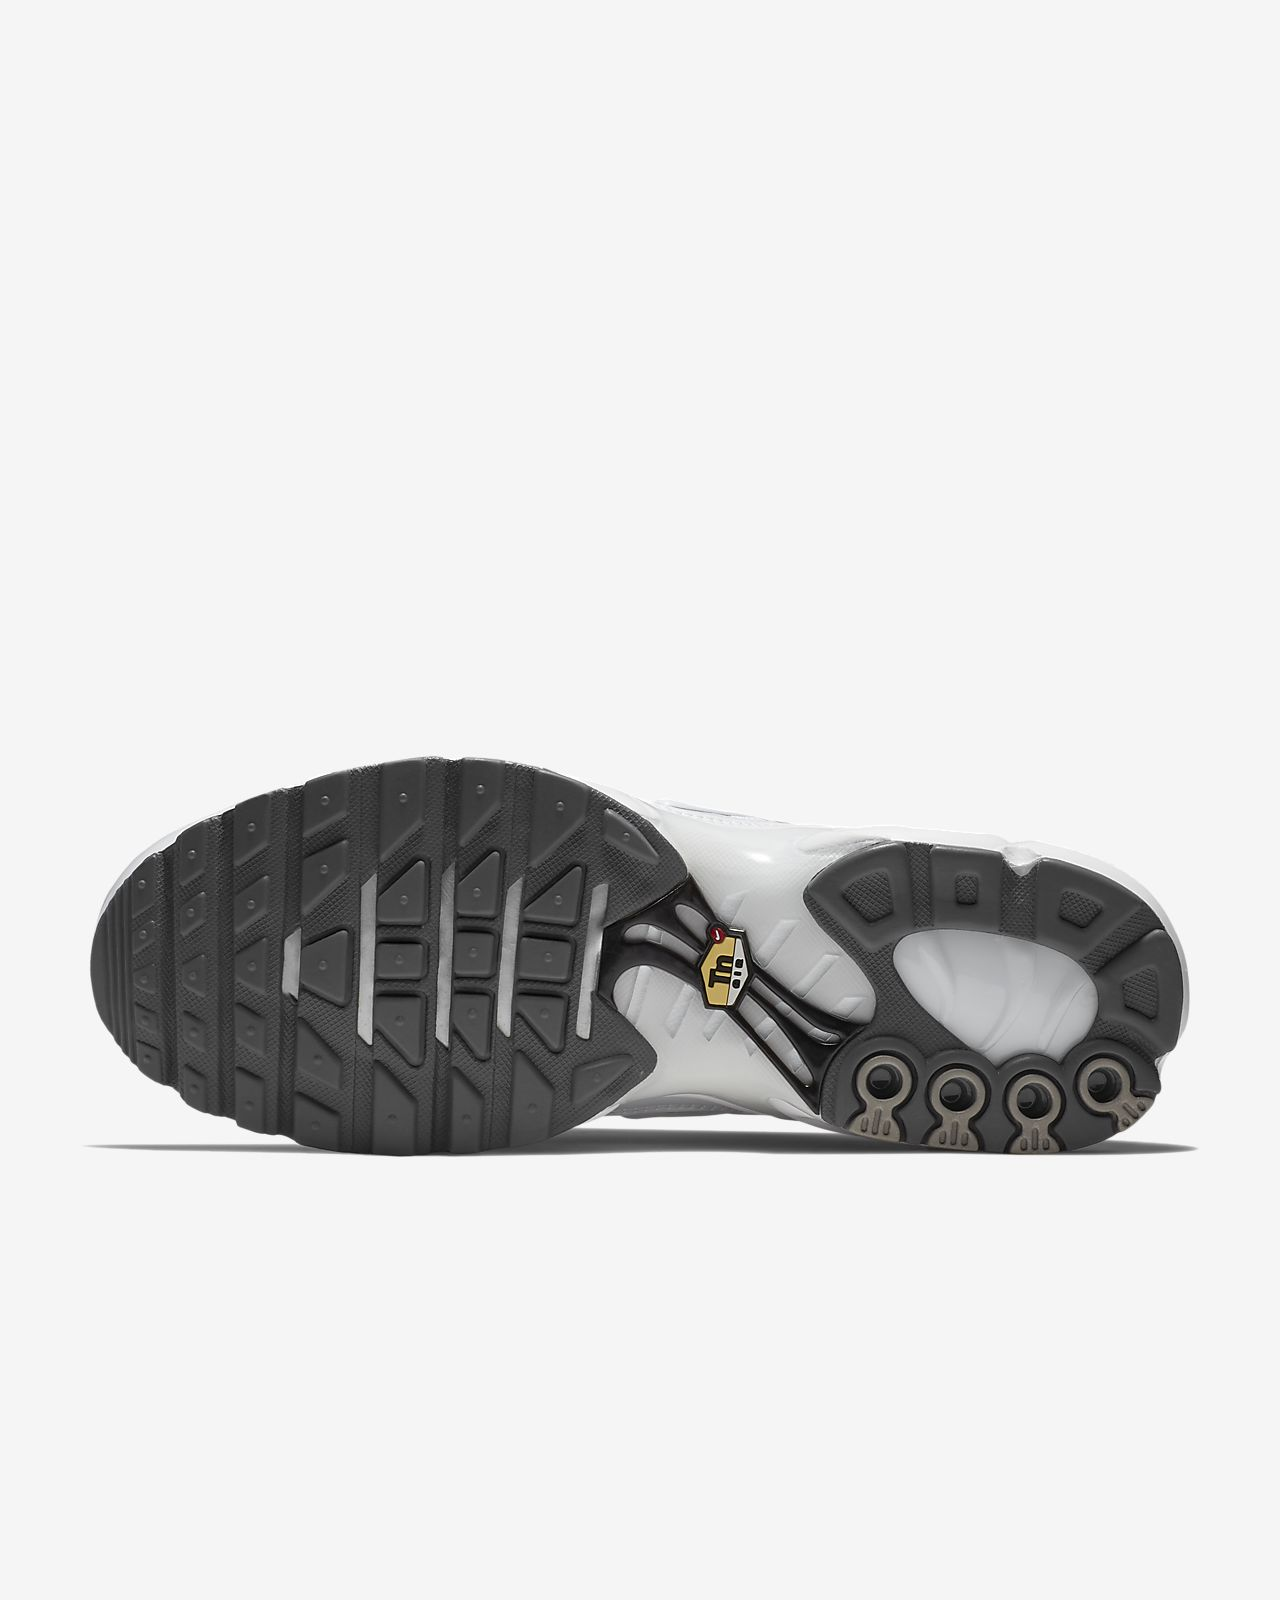 detailed look 60cd8 f5188 ... Nike Air Max Plus Men s Shoe